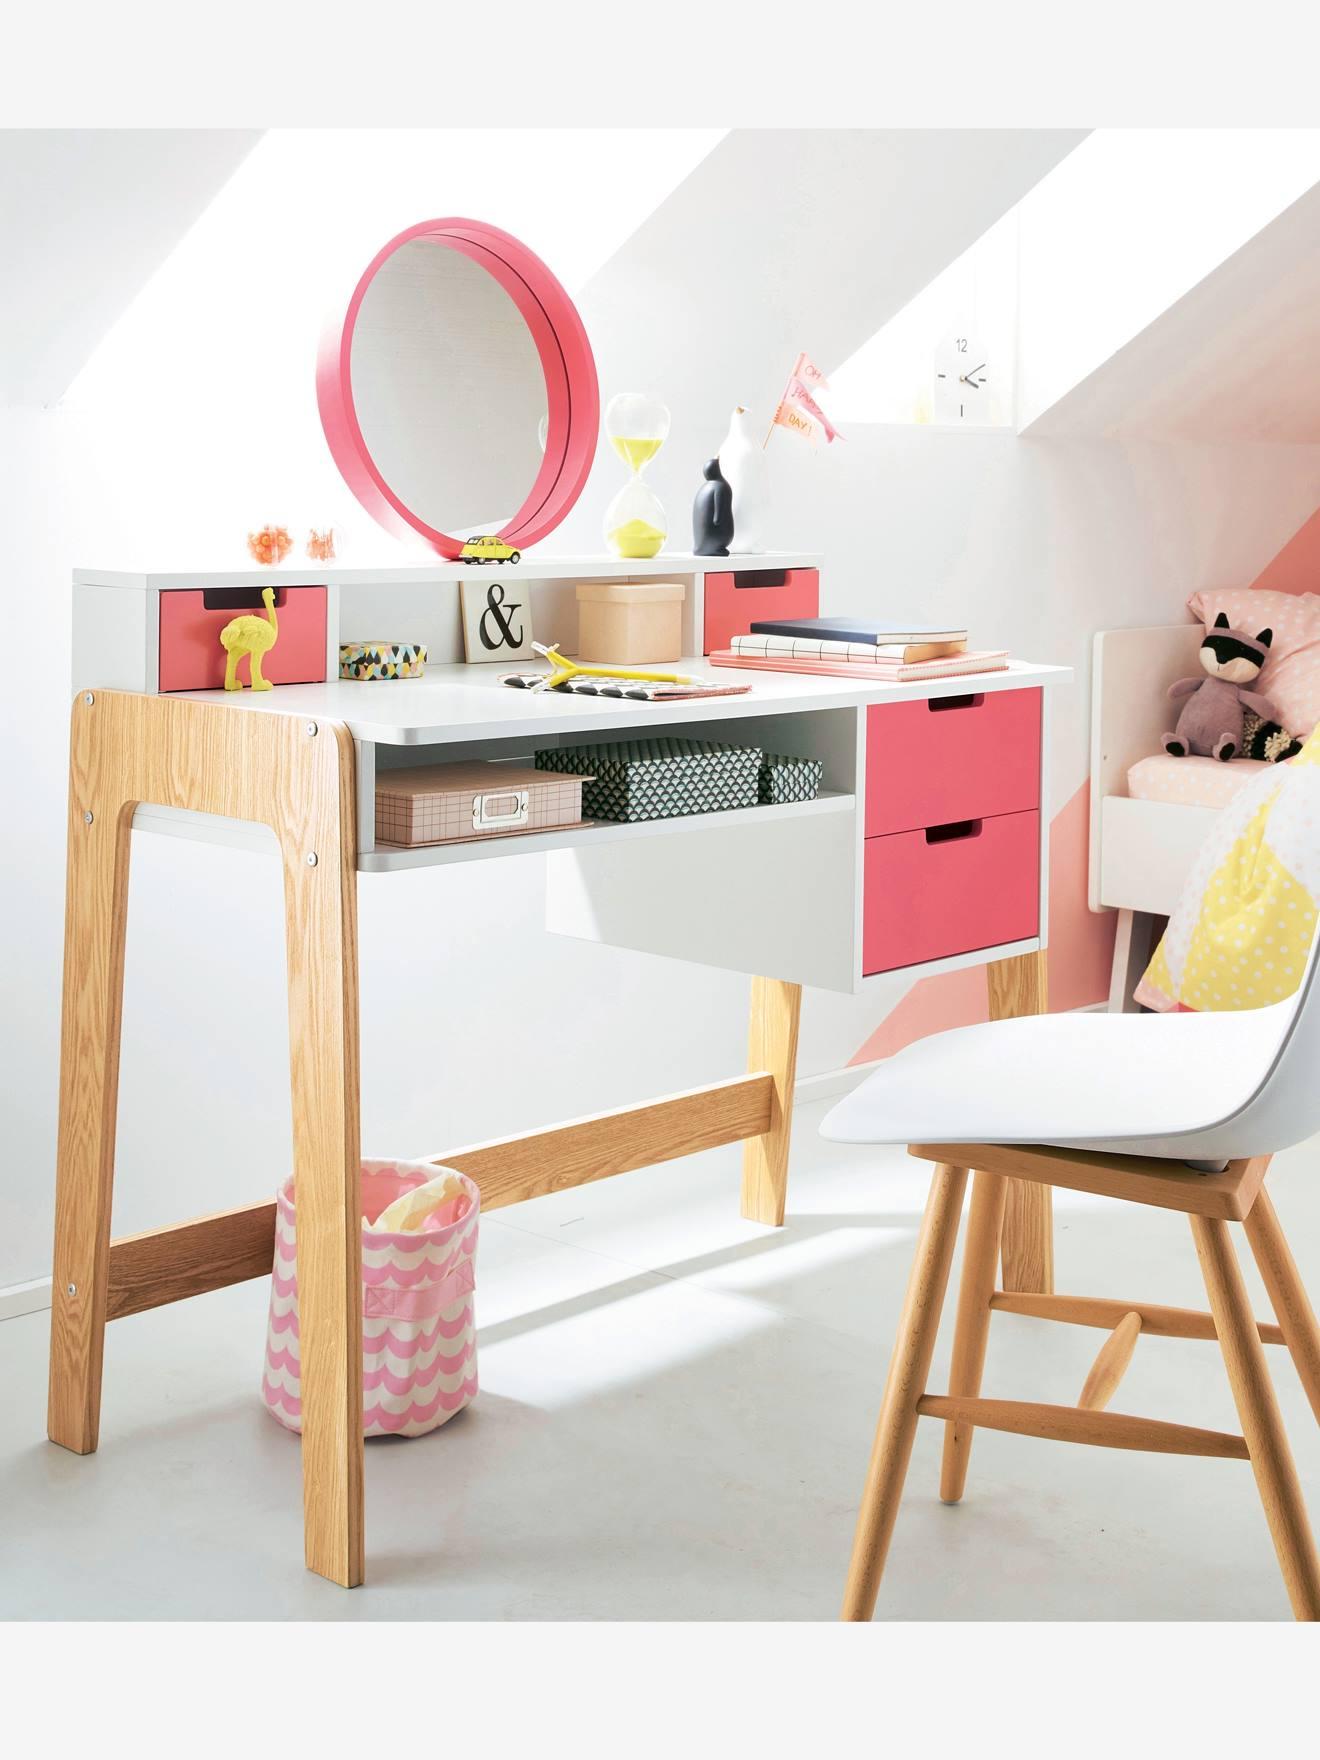 vertbaudet jouet en bois fabulous vertbaudet jouet en bois with vertbaudet jouet en bois. Black Bedroom Furniture Sets. Home Design Ideas